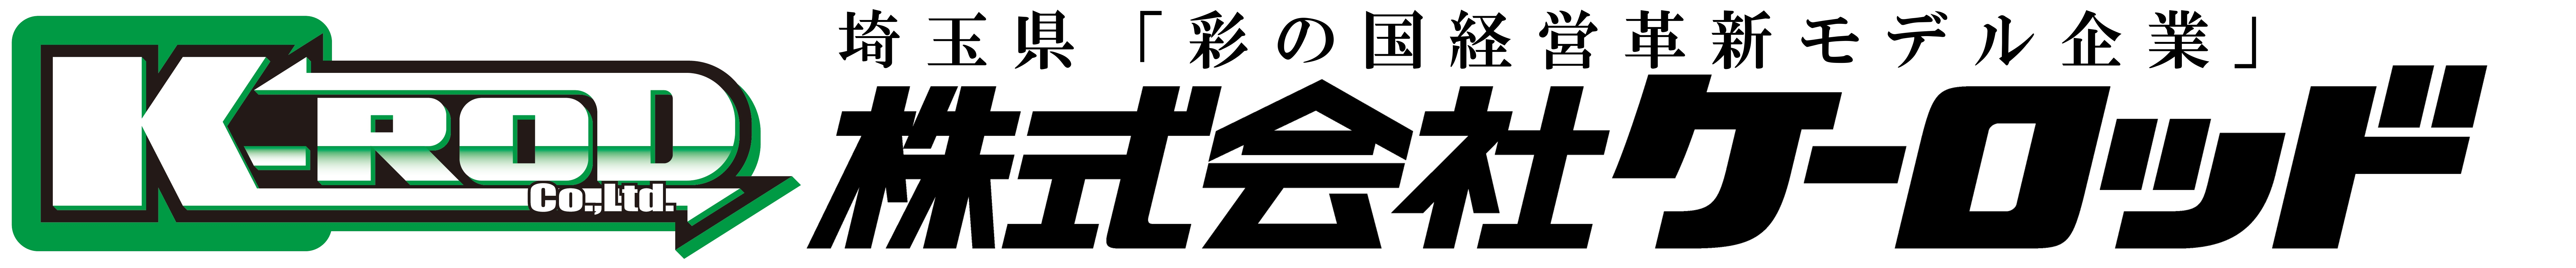 株式会社ケーロッド